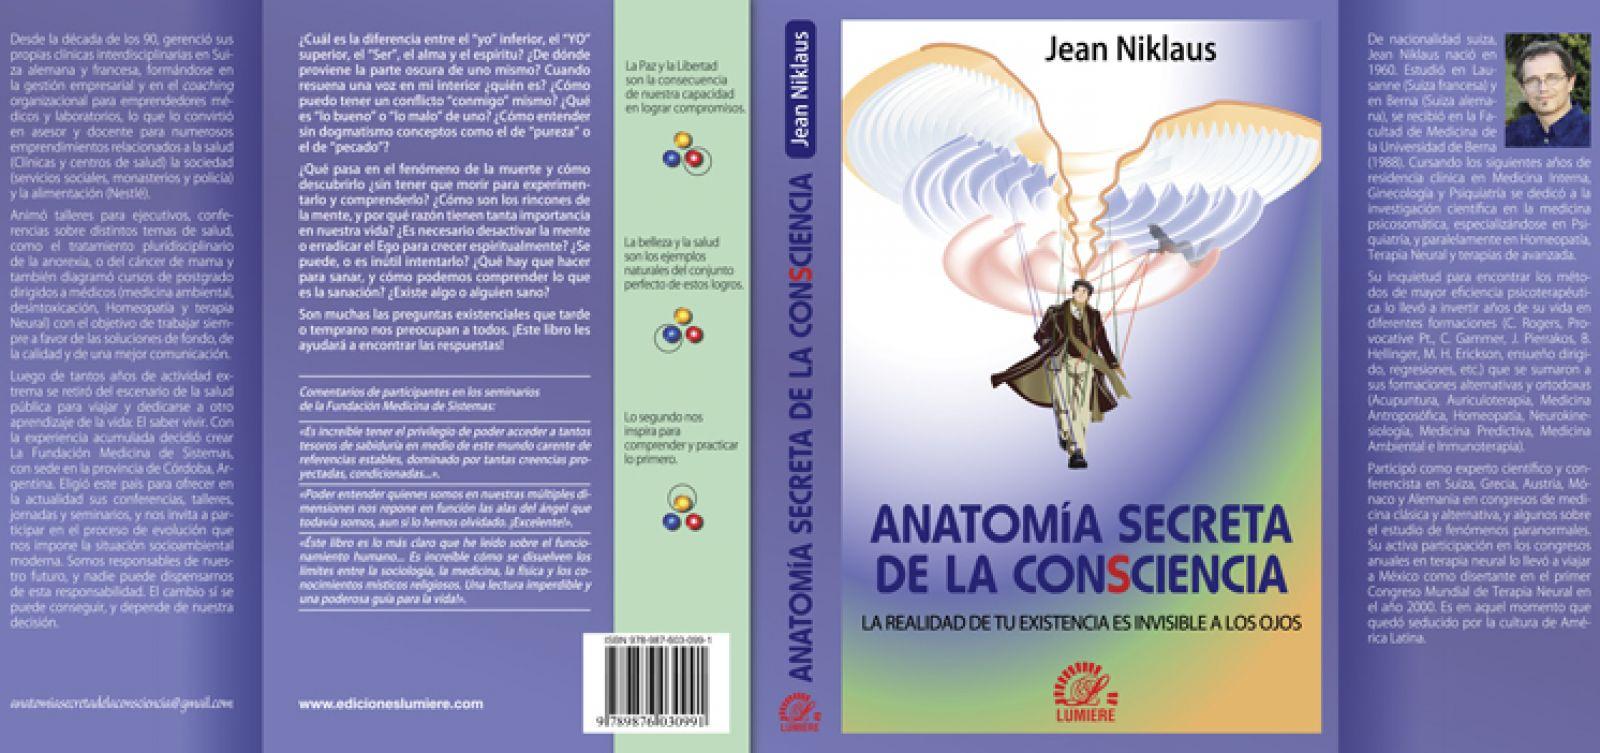 Anatomía Secreta de la Con(s)ciencia